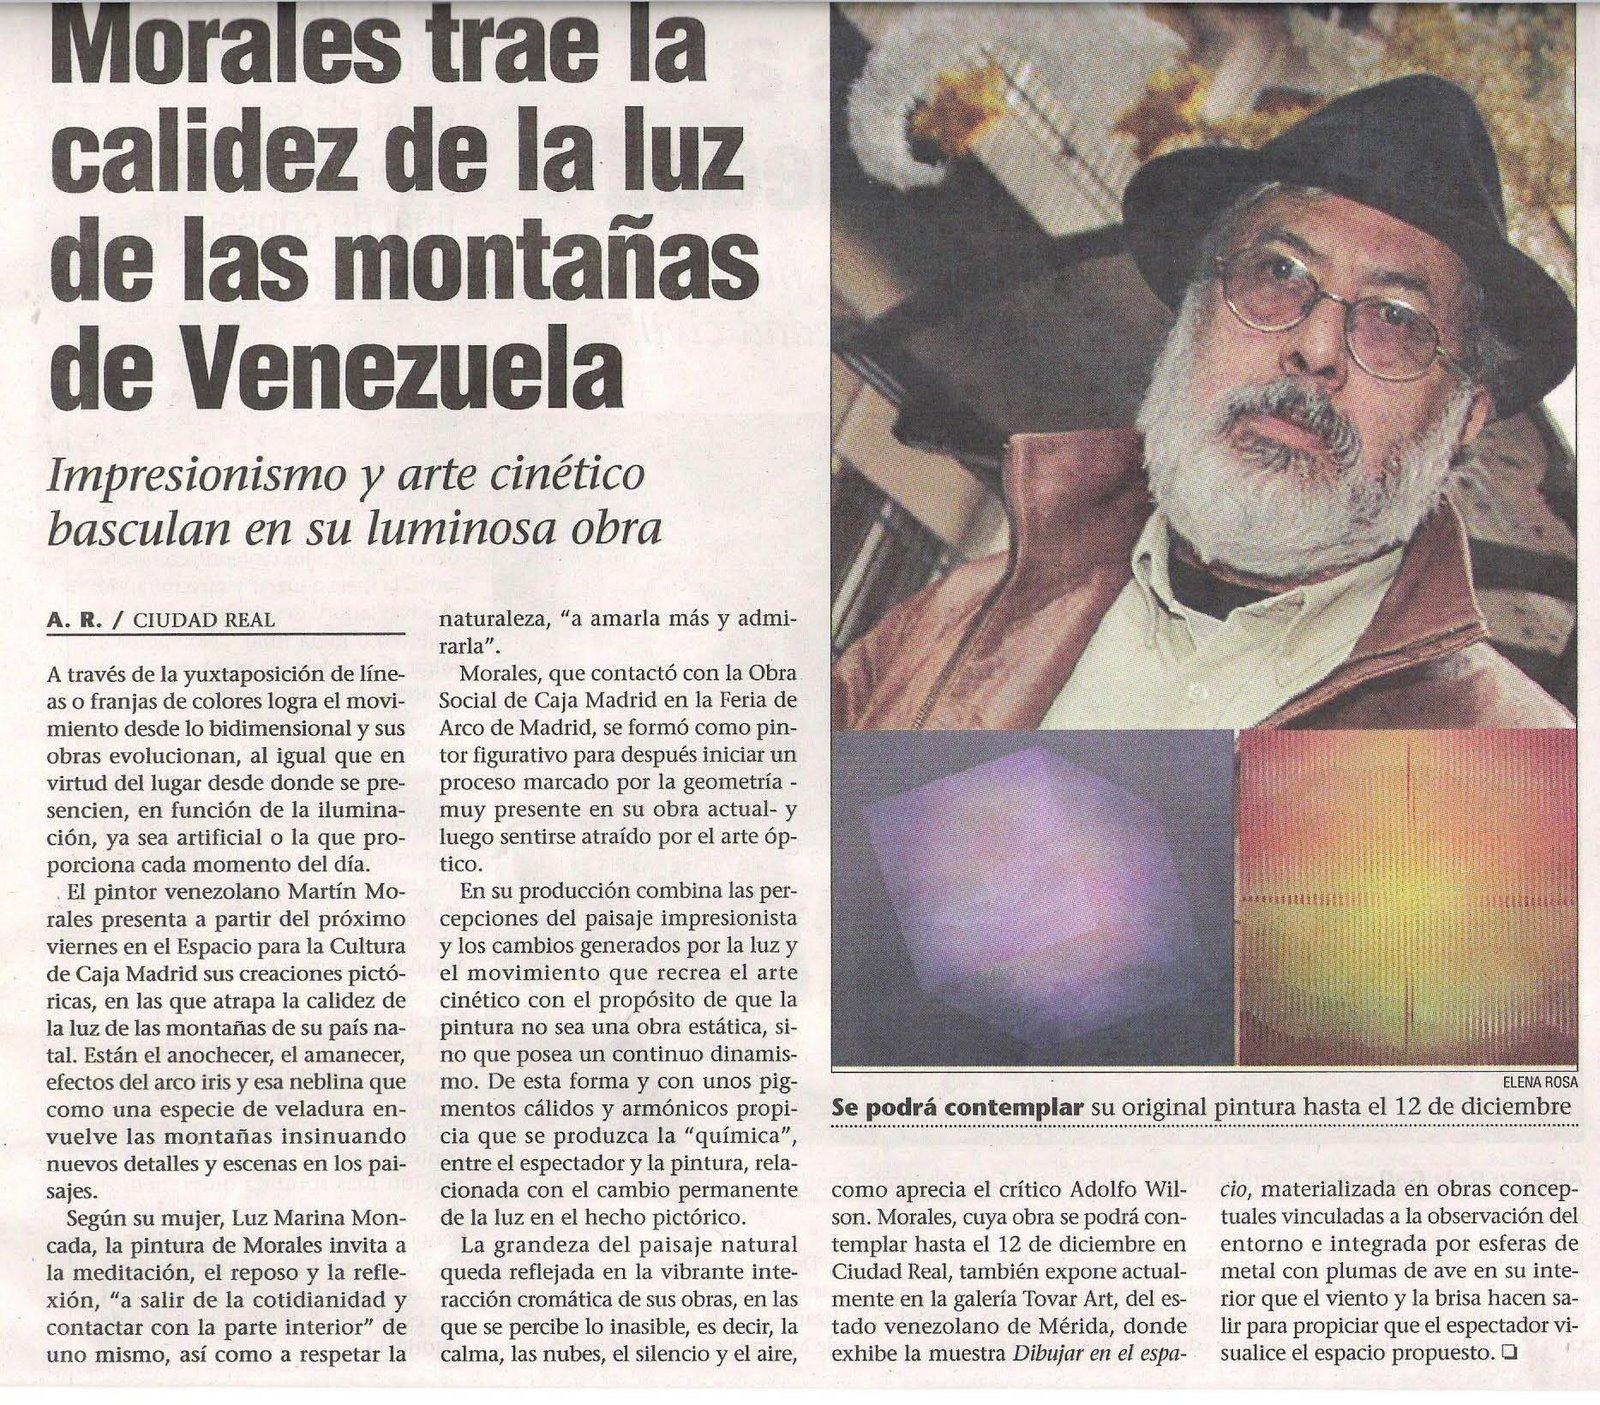 martin-morales-trae-la-calidez-de-la-luz-de-las-montanas-de-venezuela